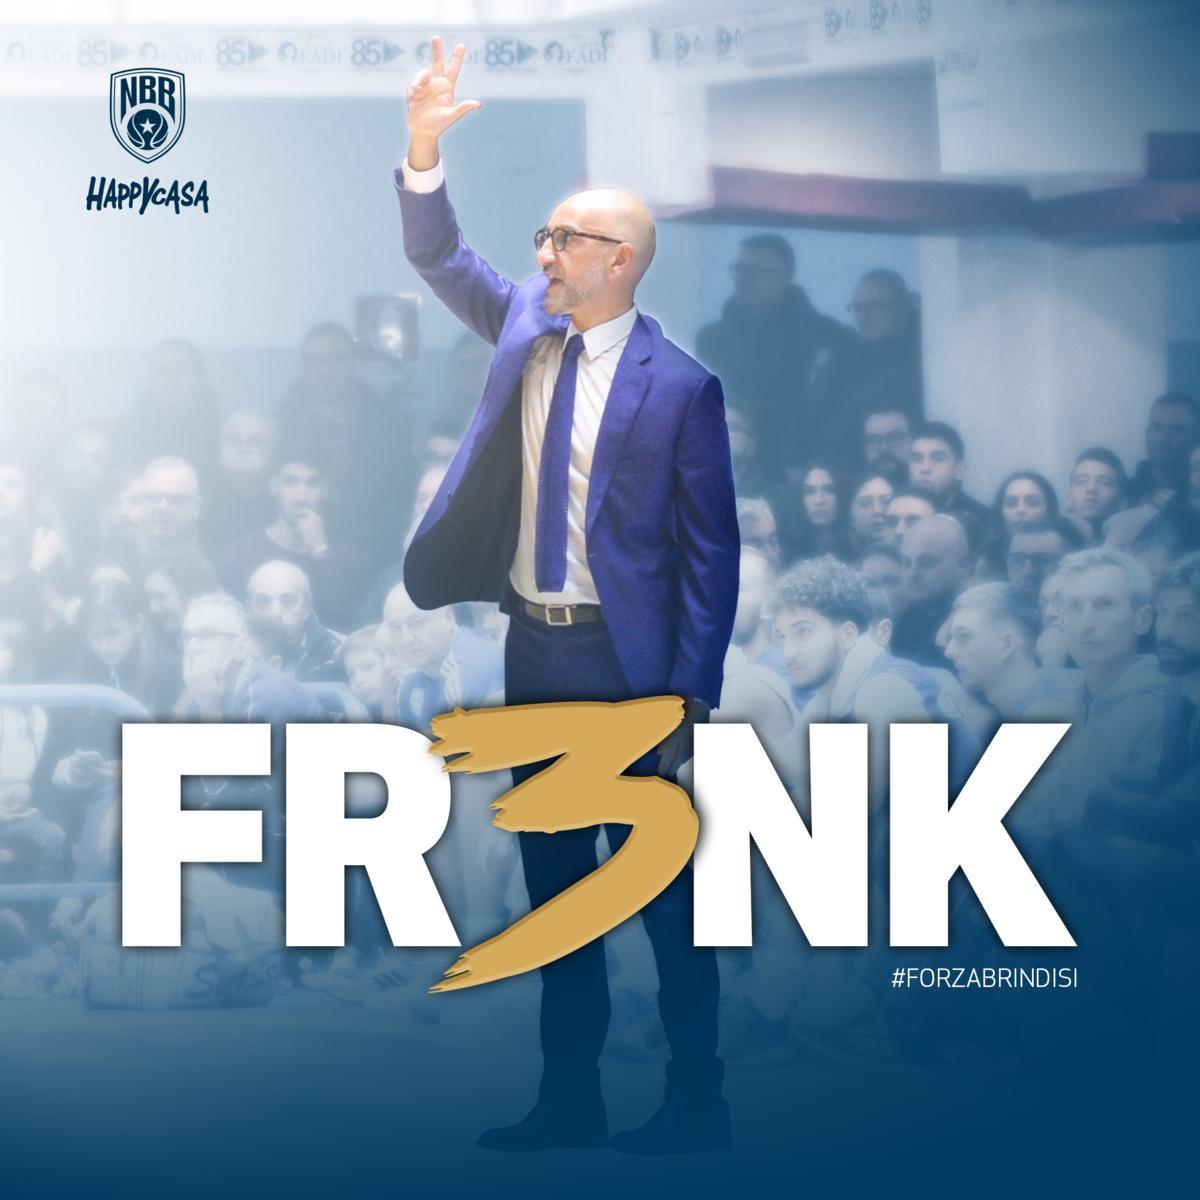 Fr3nk – Rinnovo fino al 2022 con coach Vitucci